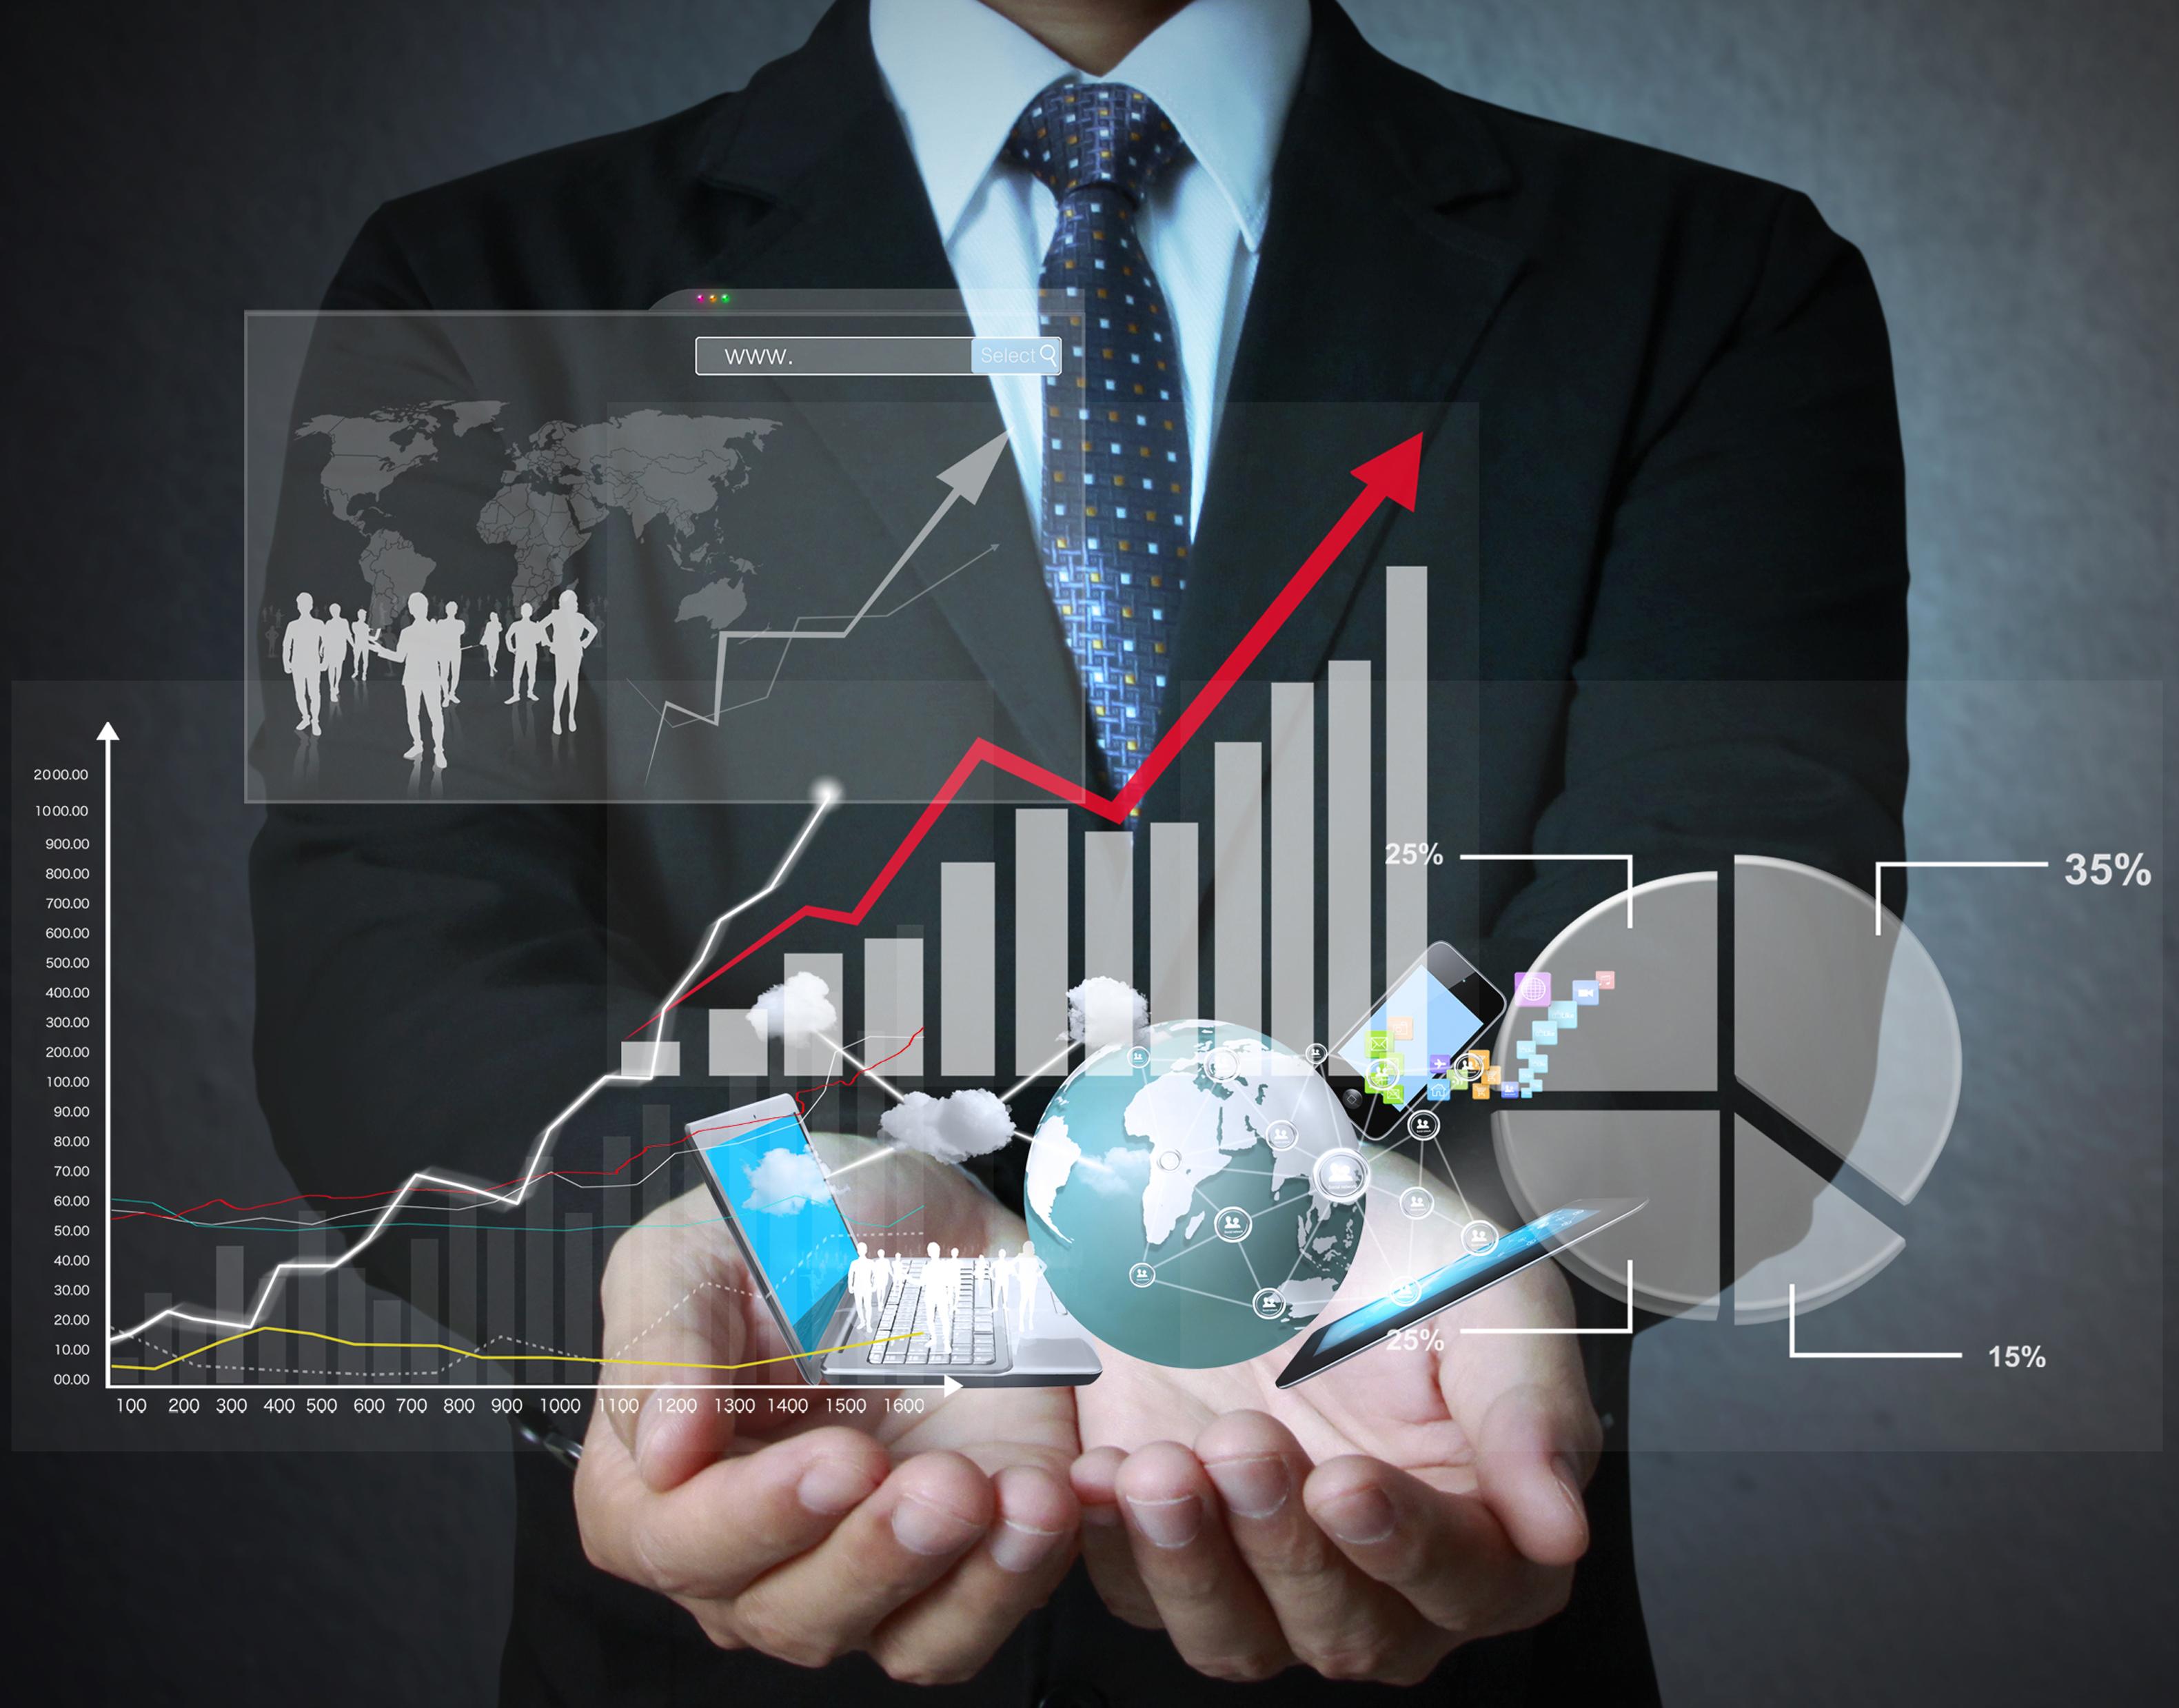 ¿Cómo realizar un análisis fundamental de una empresa?